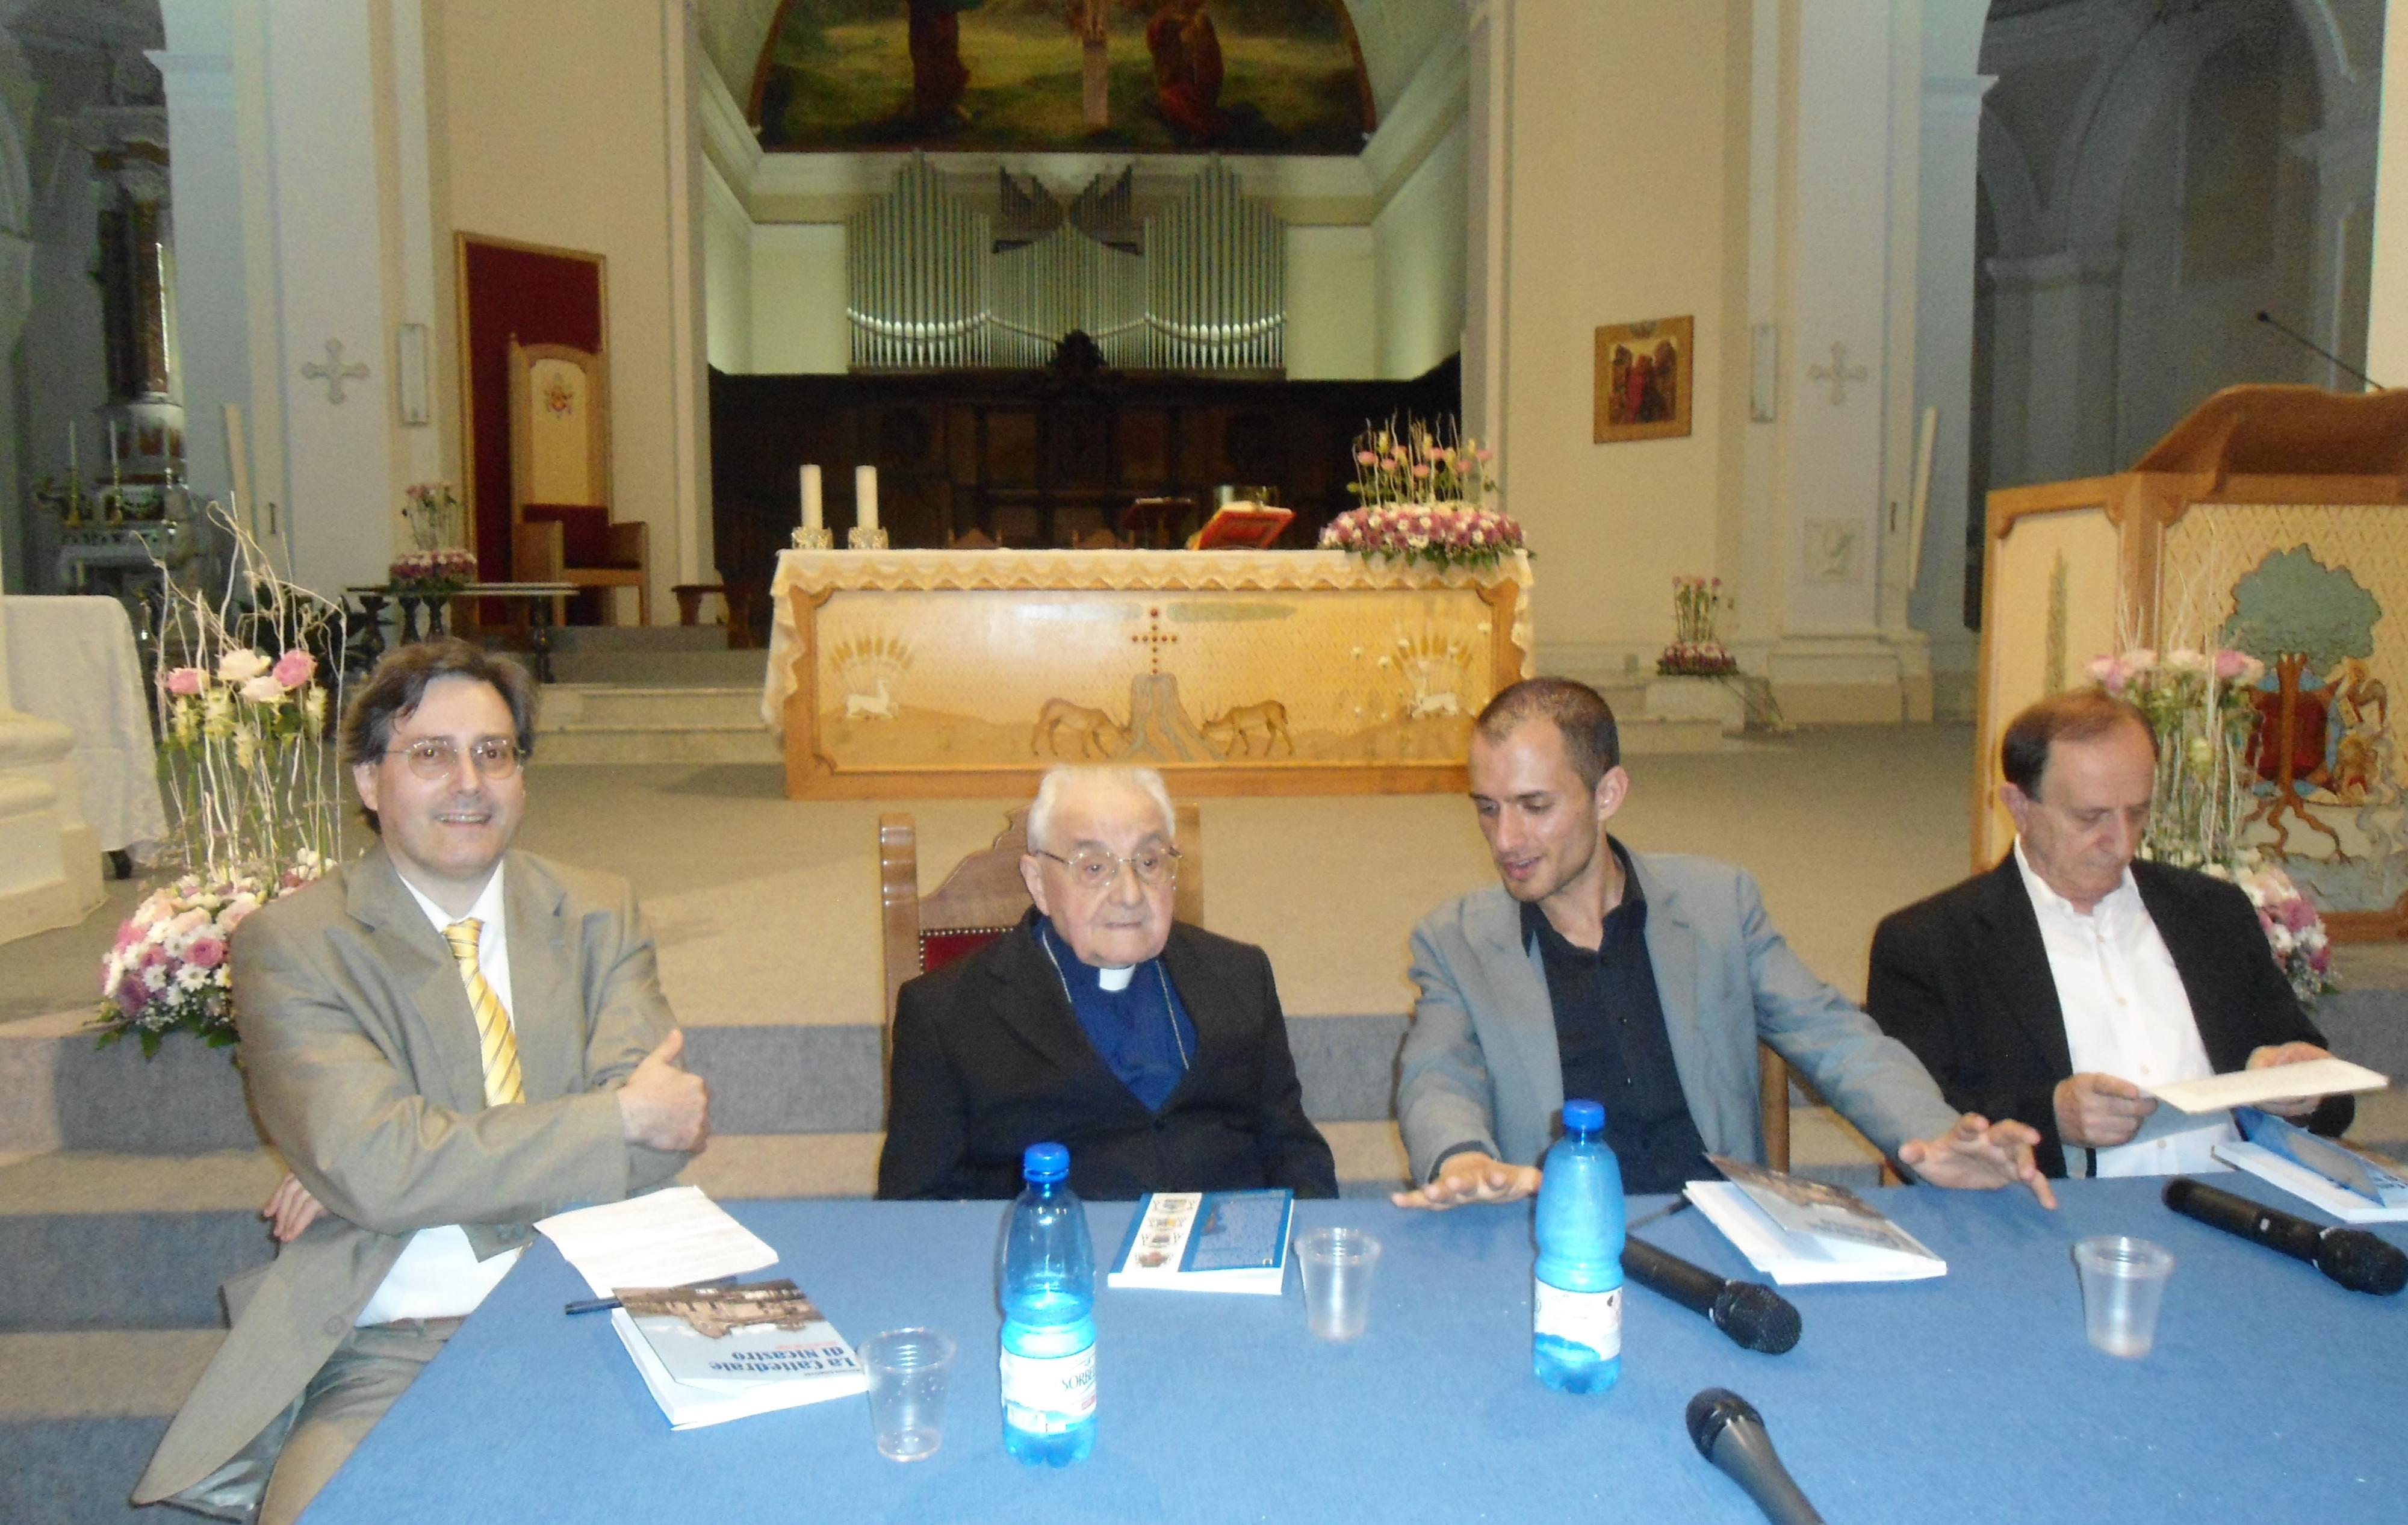 Iannicelli Rimedio D'Elia Villella Cittadino - LameziaTerme.it